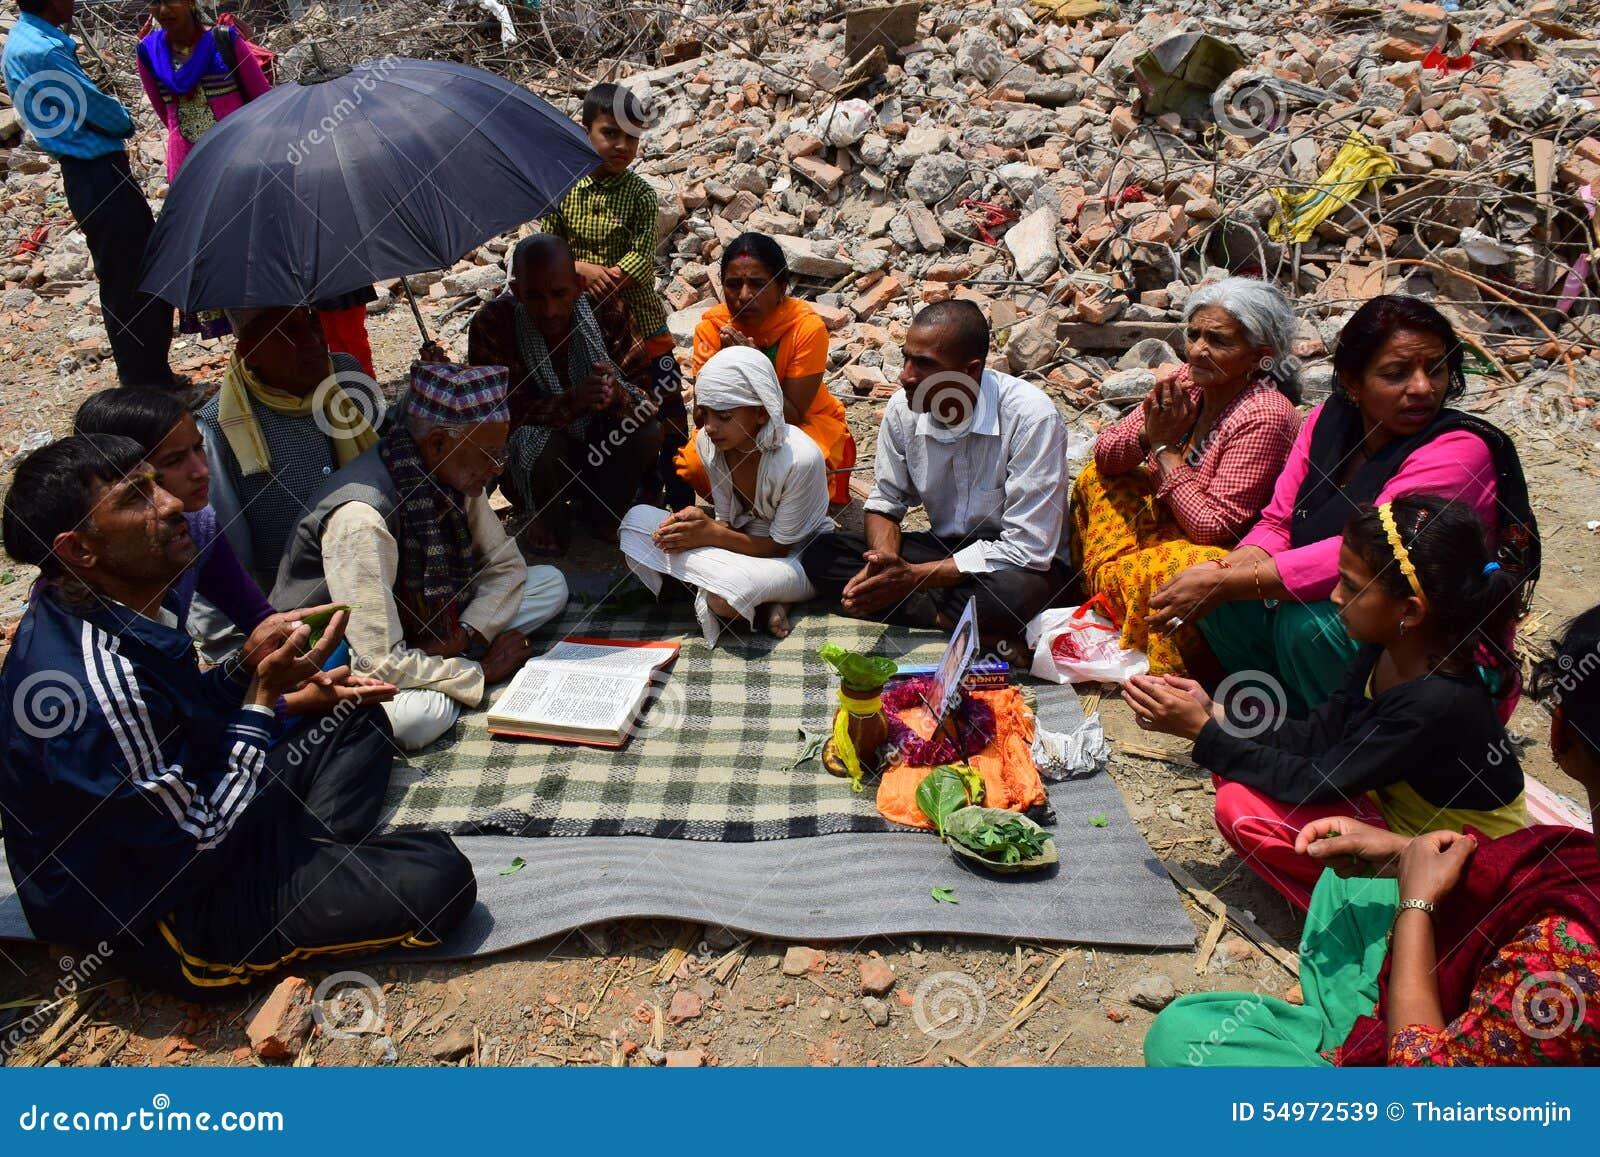 hindu burial rites